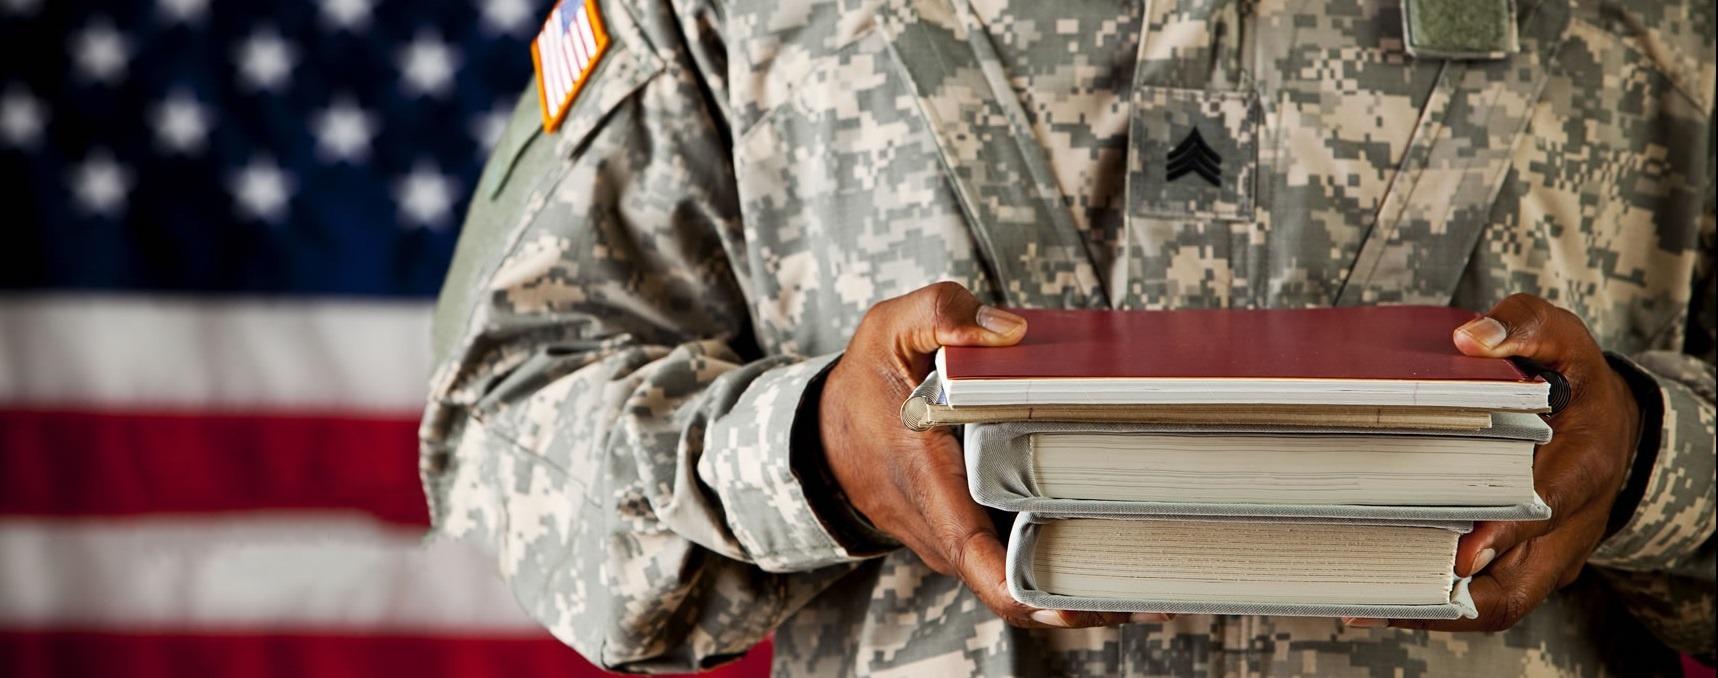 Military VA Image